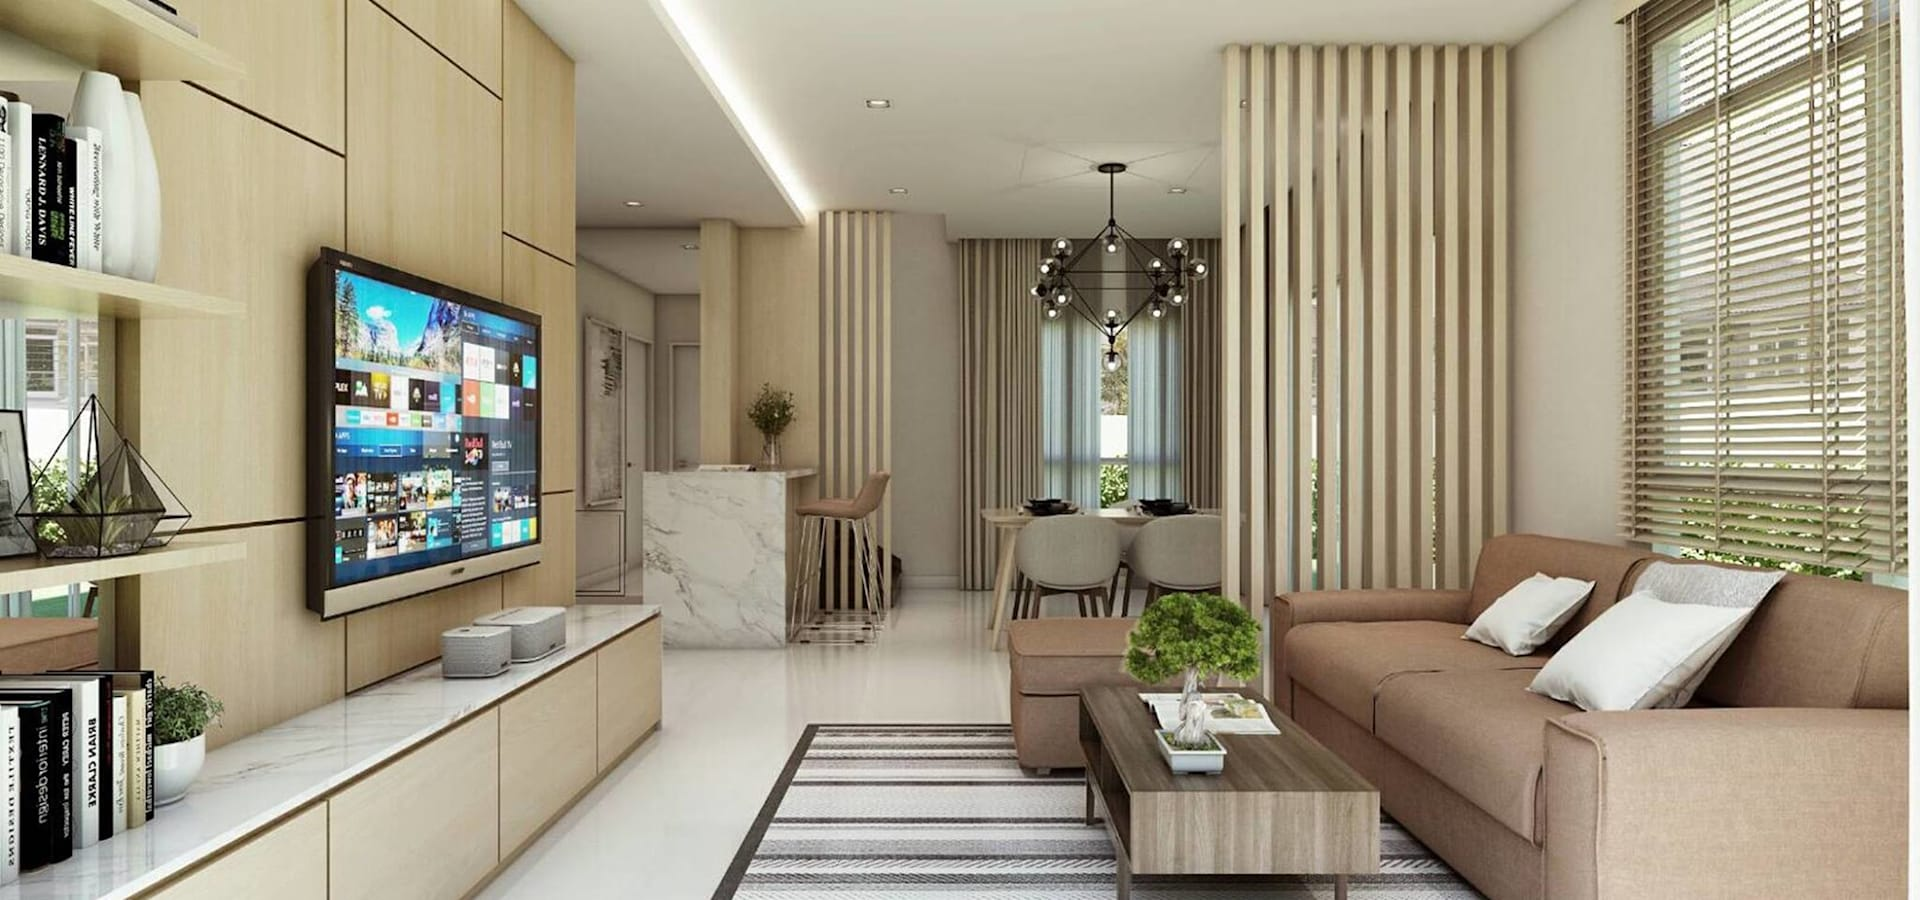 Built Inspire รับออกแบบตกแต่งภายใน บิ้วอิน บ้าน คอนโด